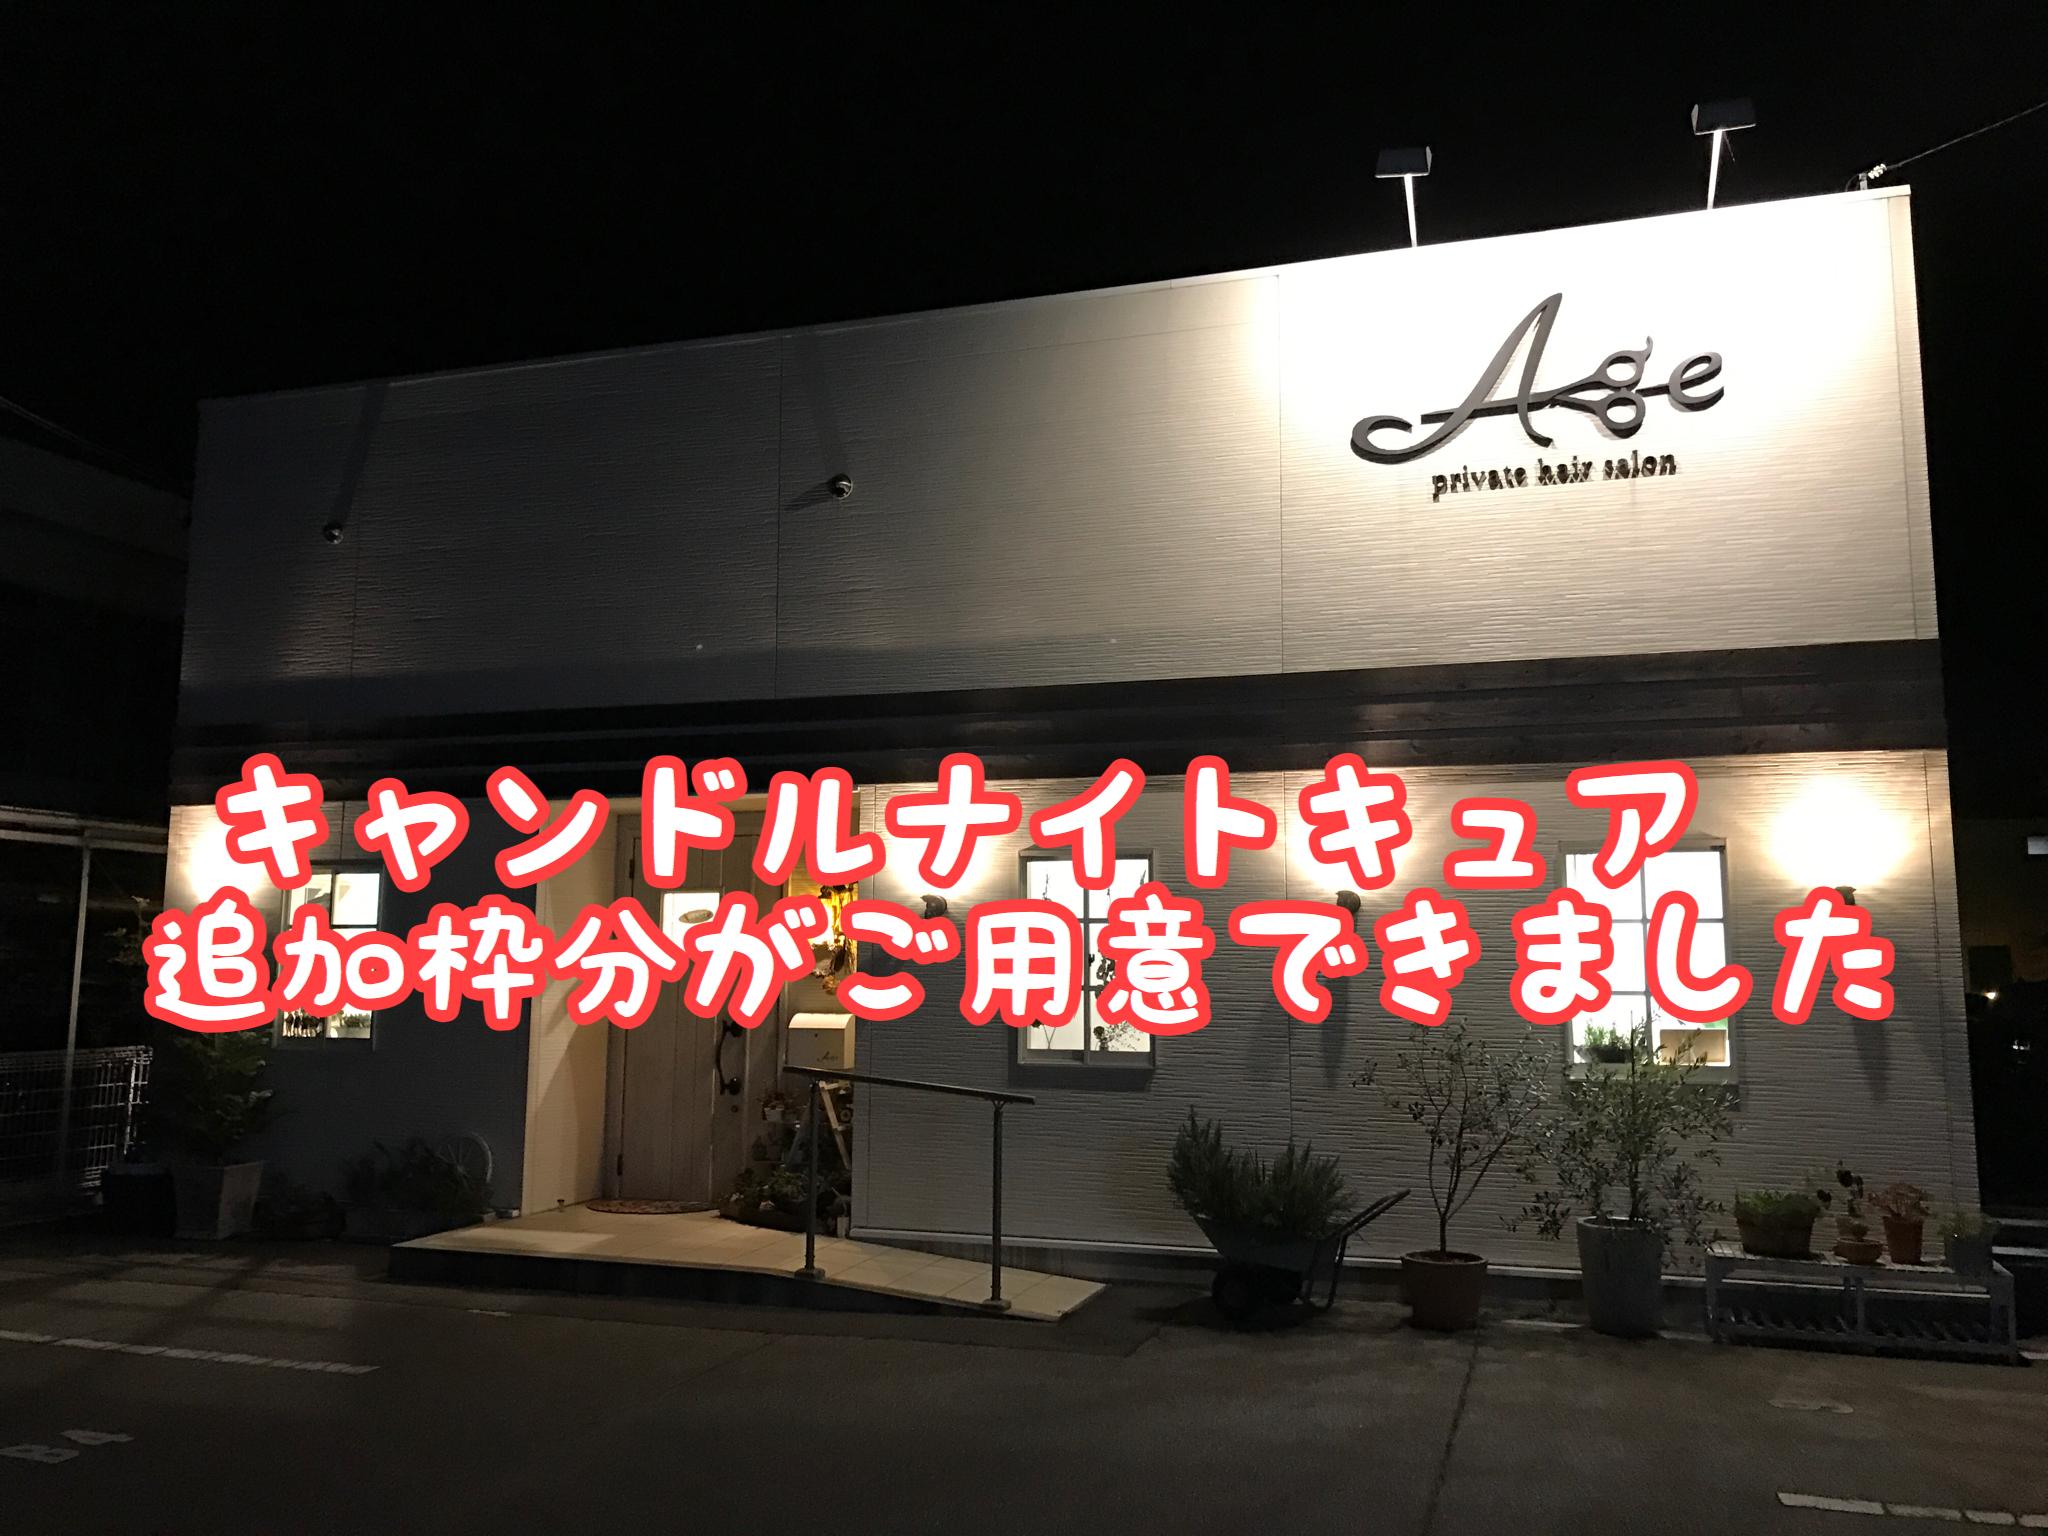 【速報】3月24日(金)キャンドルナイトキュアの追加枠ができました!